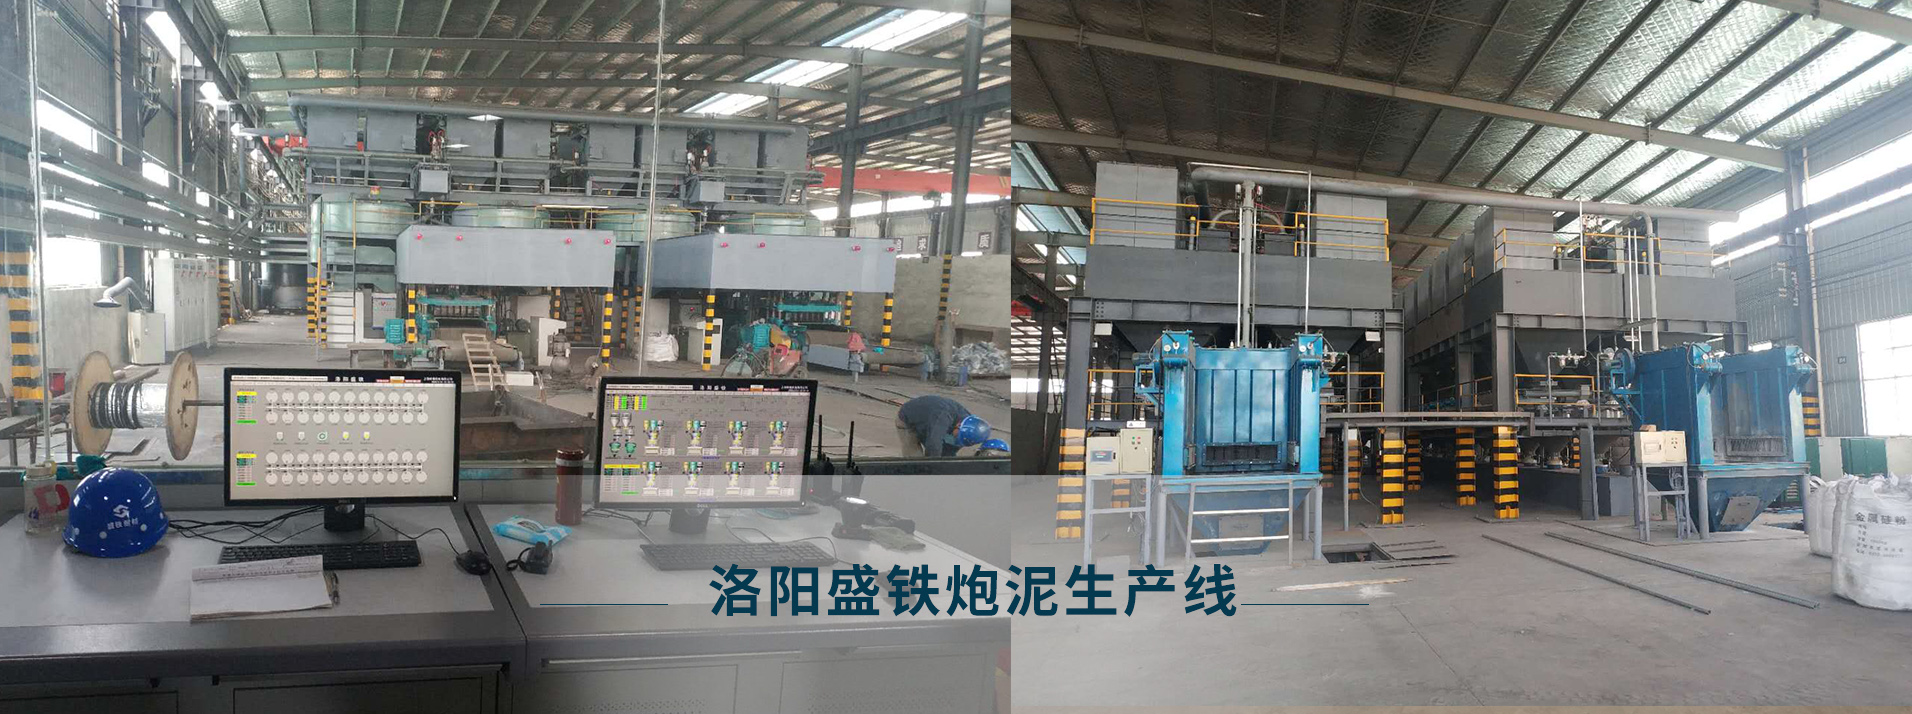 脱硫脱硝自动计量及控制系统